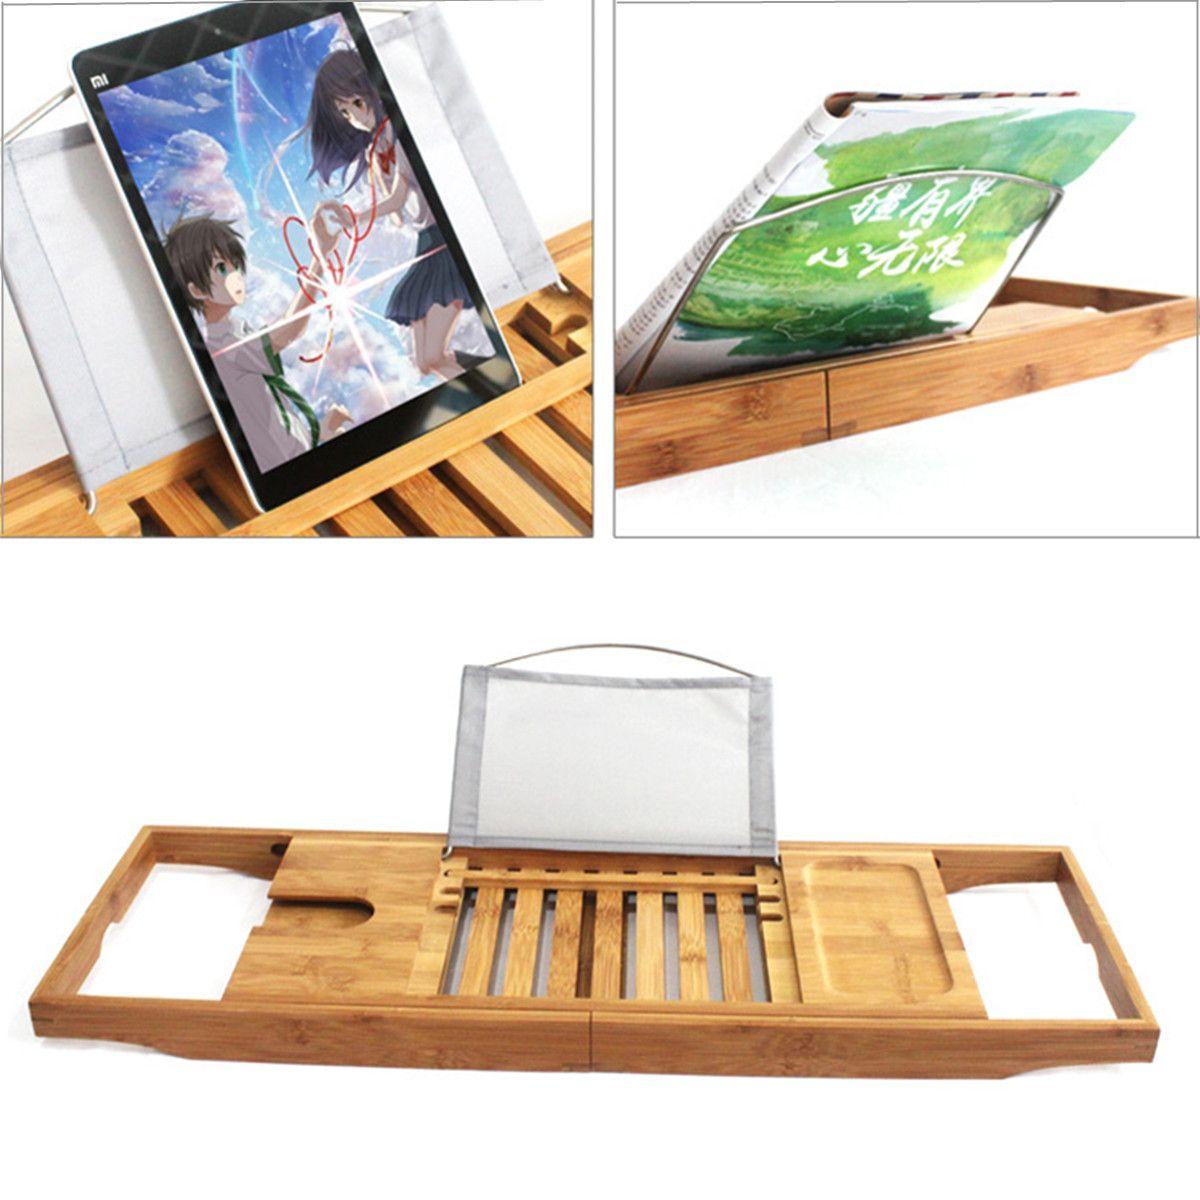 Caddy Wein Glas Buch Halter Erweiterbar Bad Bambus Bad Badewanne Rack Tray Einstellbare Länge 70-105 cm Lack ProcessSurface